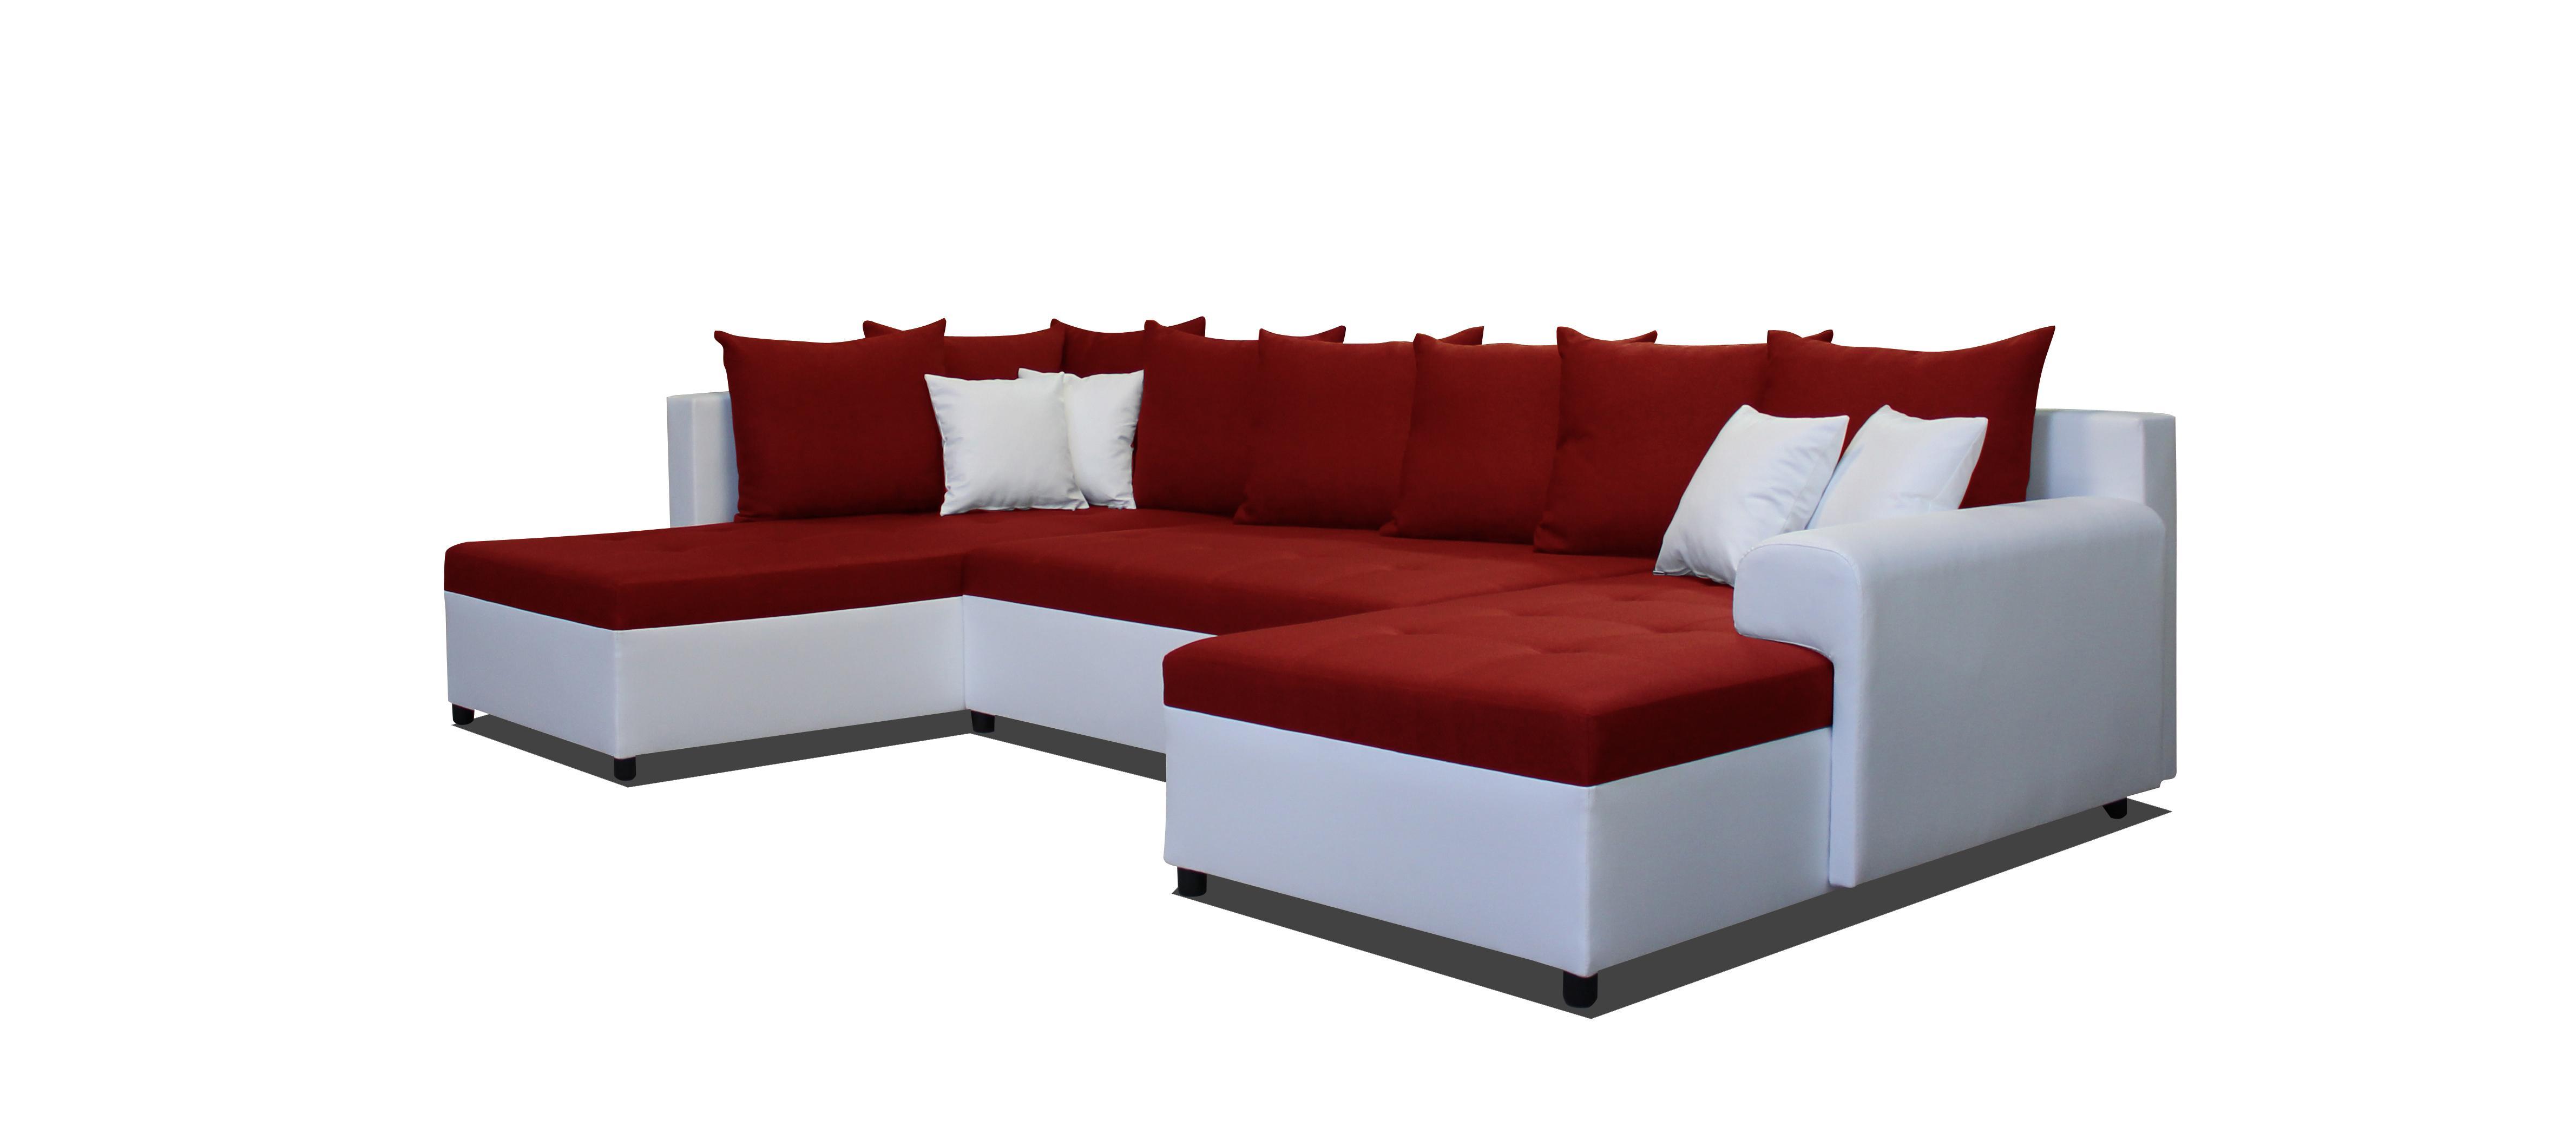 Rohová sedačka U - Po-Sed - Lisbona LB+2F+L (červená + biela) (P). Akcia -14% Sme autorizovaný predajca Po-Sed.